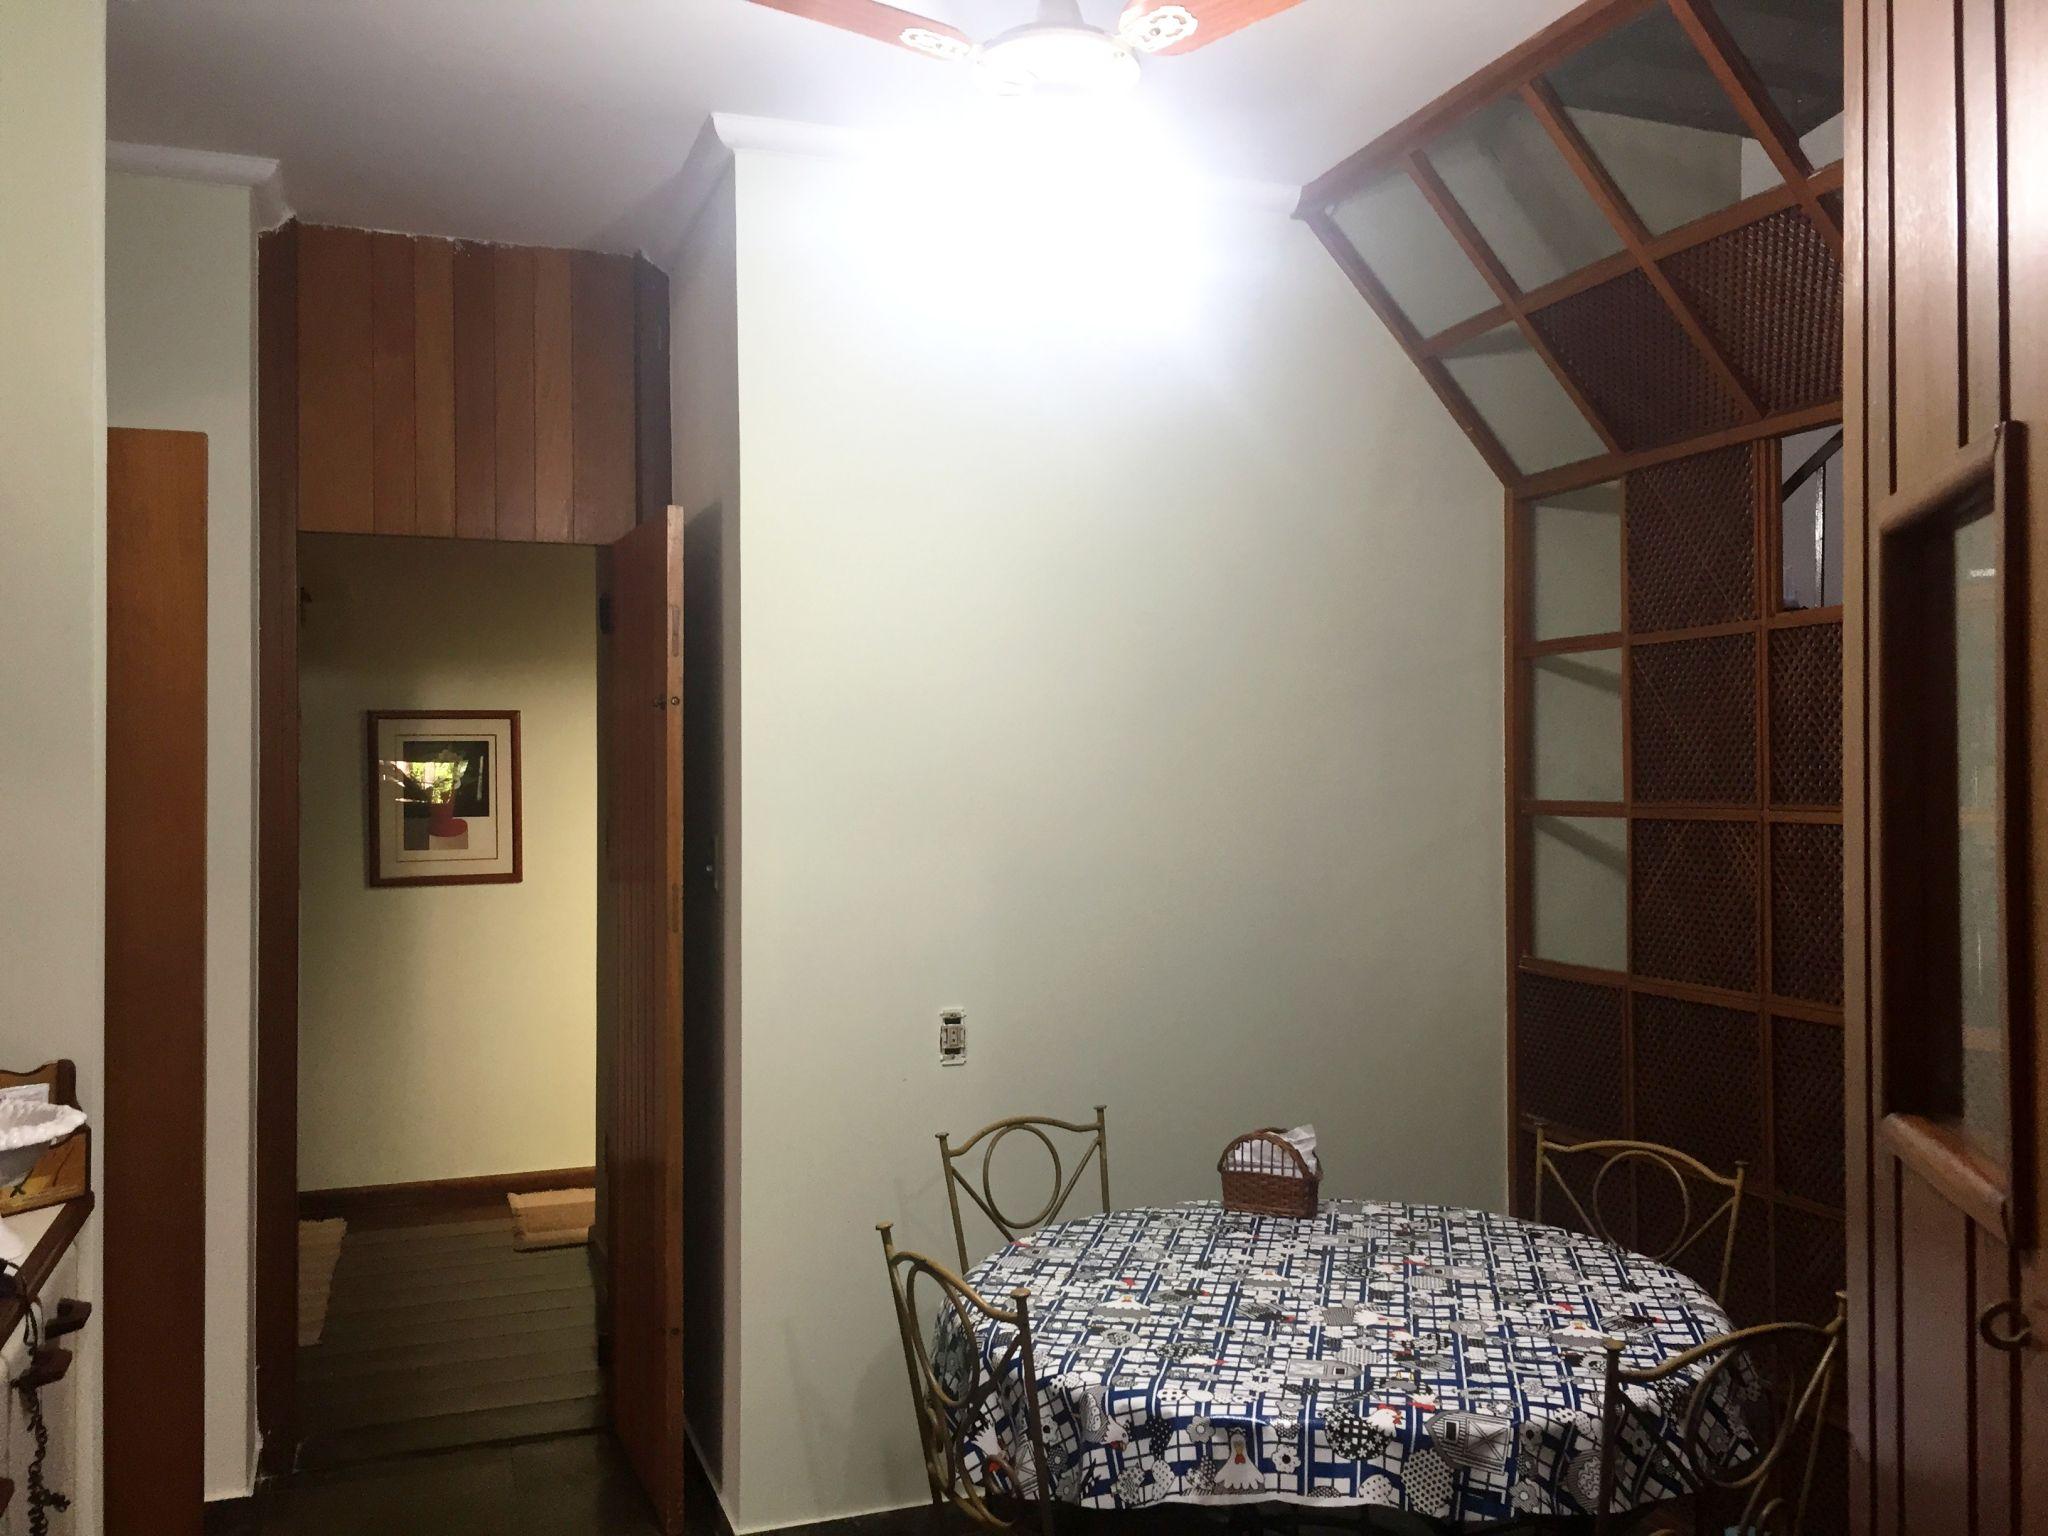 326 - Chácara Quinta da Boa Vista B 5000 m²